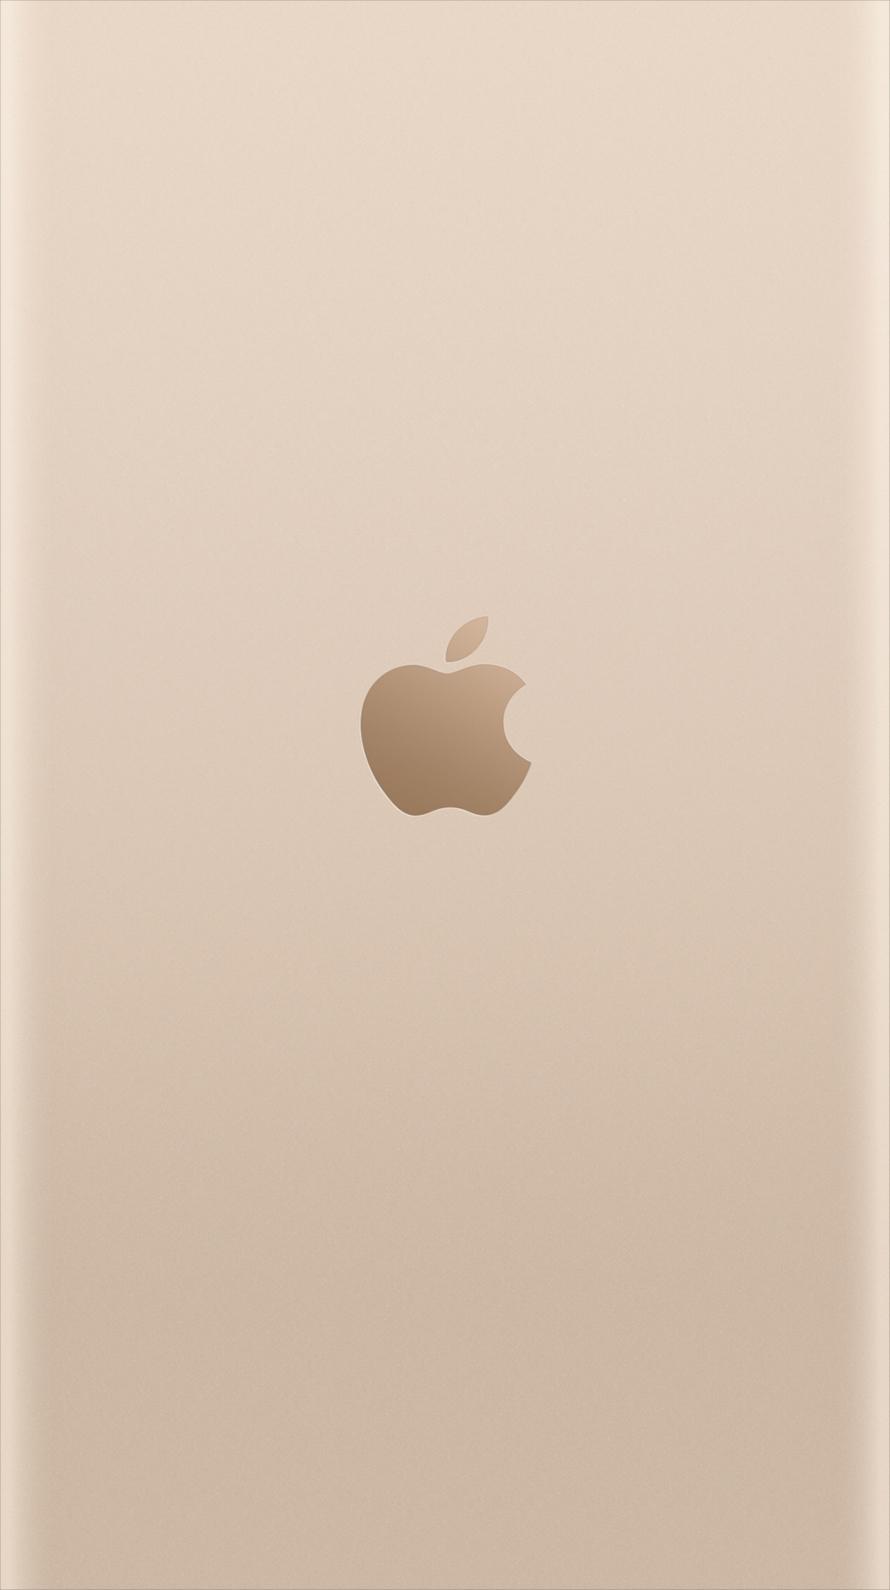 ライトゴールド アップルロゴ iPhone6壁紙